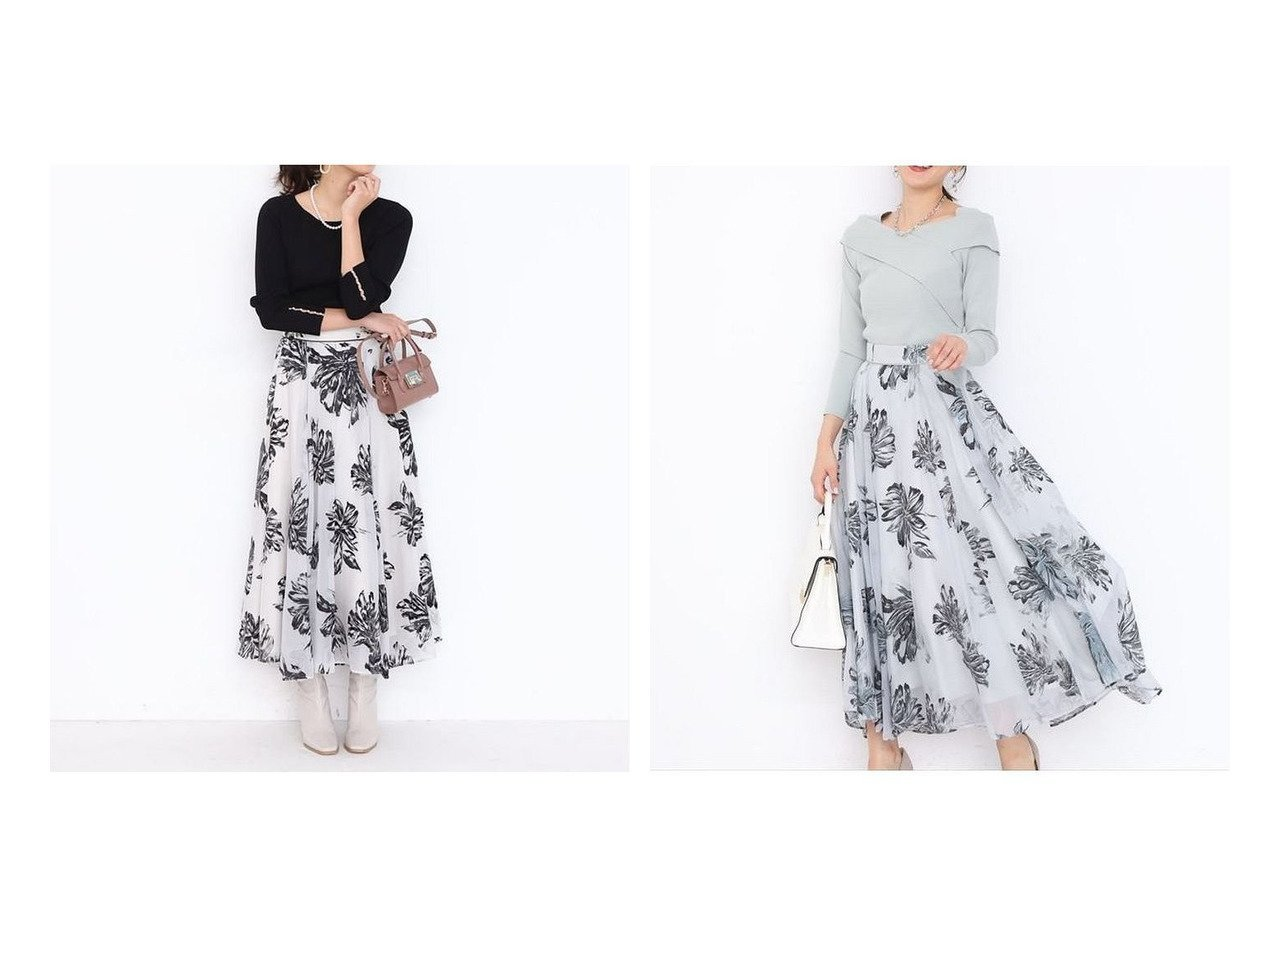 【JUSGLITTY/ジャスグリッティー】のフロッキーフラワースカート スカートのおすすめ!人気、トレンド・レディースファッションの通販 おすすめで人気の流行・トレンド、ファッションの通販商品 メンズファッション・キッズファッション・インテリア・家具・レディースファッション・服の通販 founy(ファニー) https://founy.com/ ファッション Fashion レディースファッション WOMEN スカート Skirt Aライン/フレアスカート Flared A-Line Skirts エアリー オケージョン ギャザー シアー フレア |ID:crp329100000016087